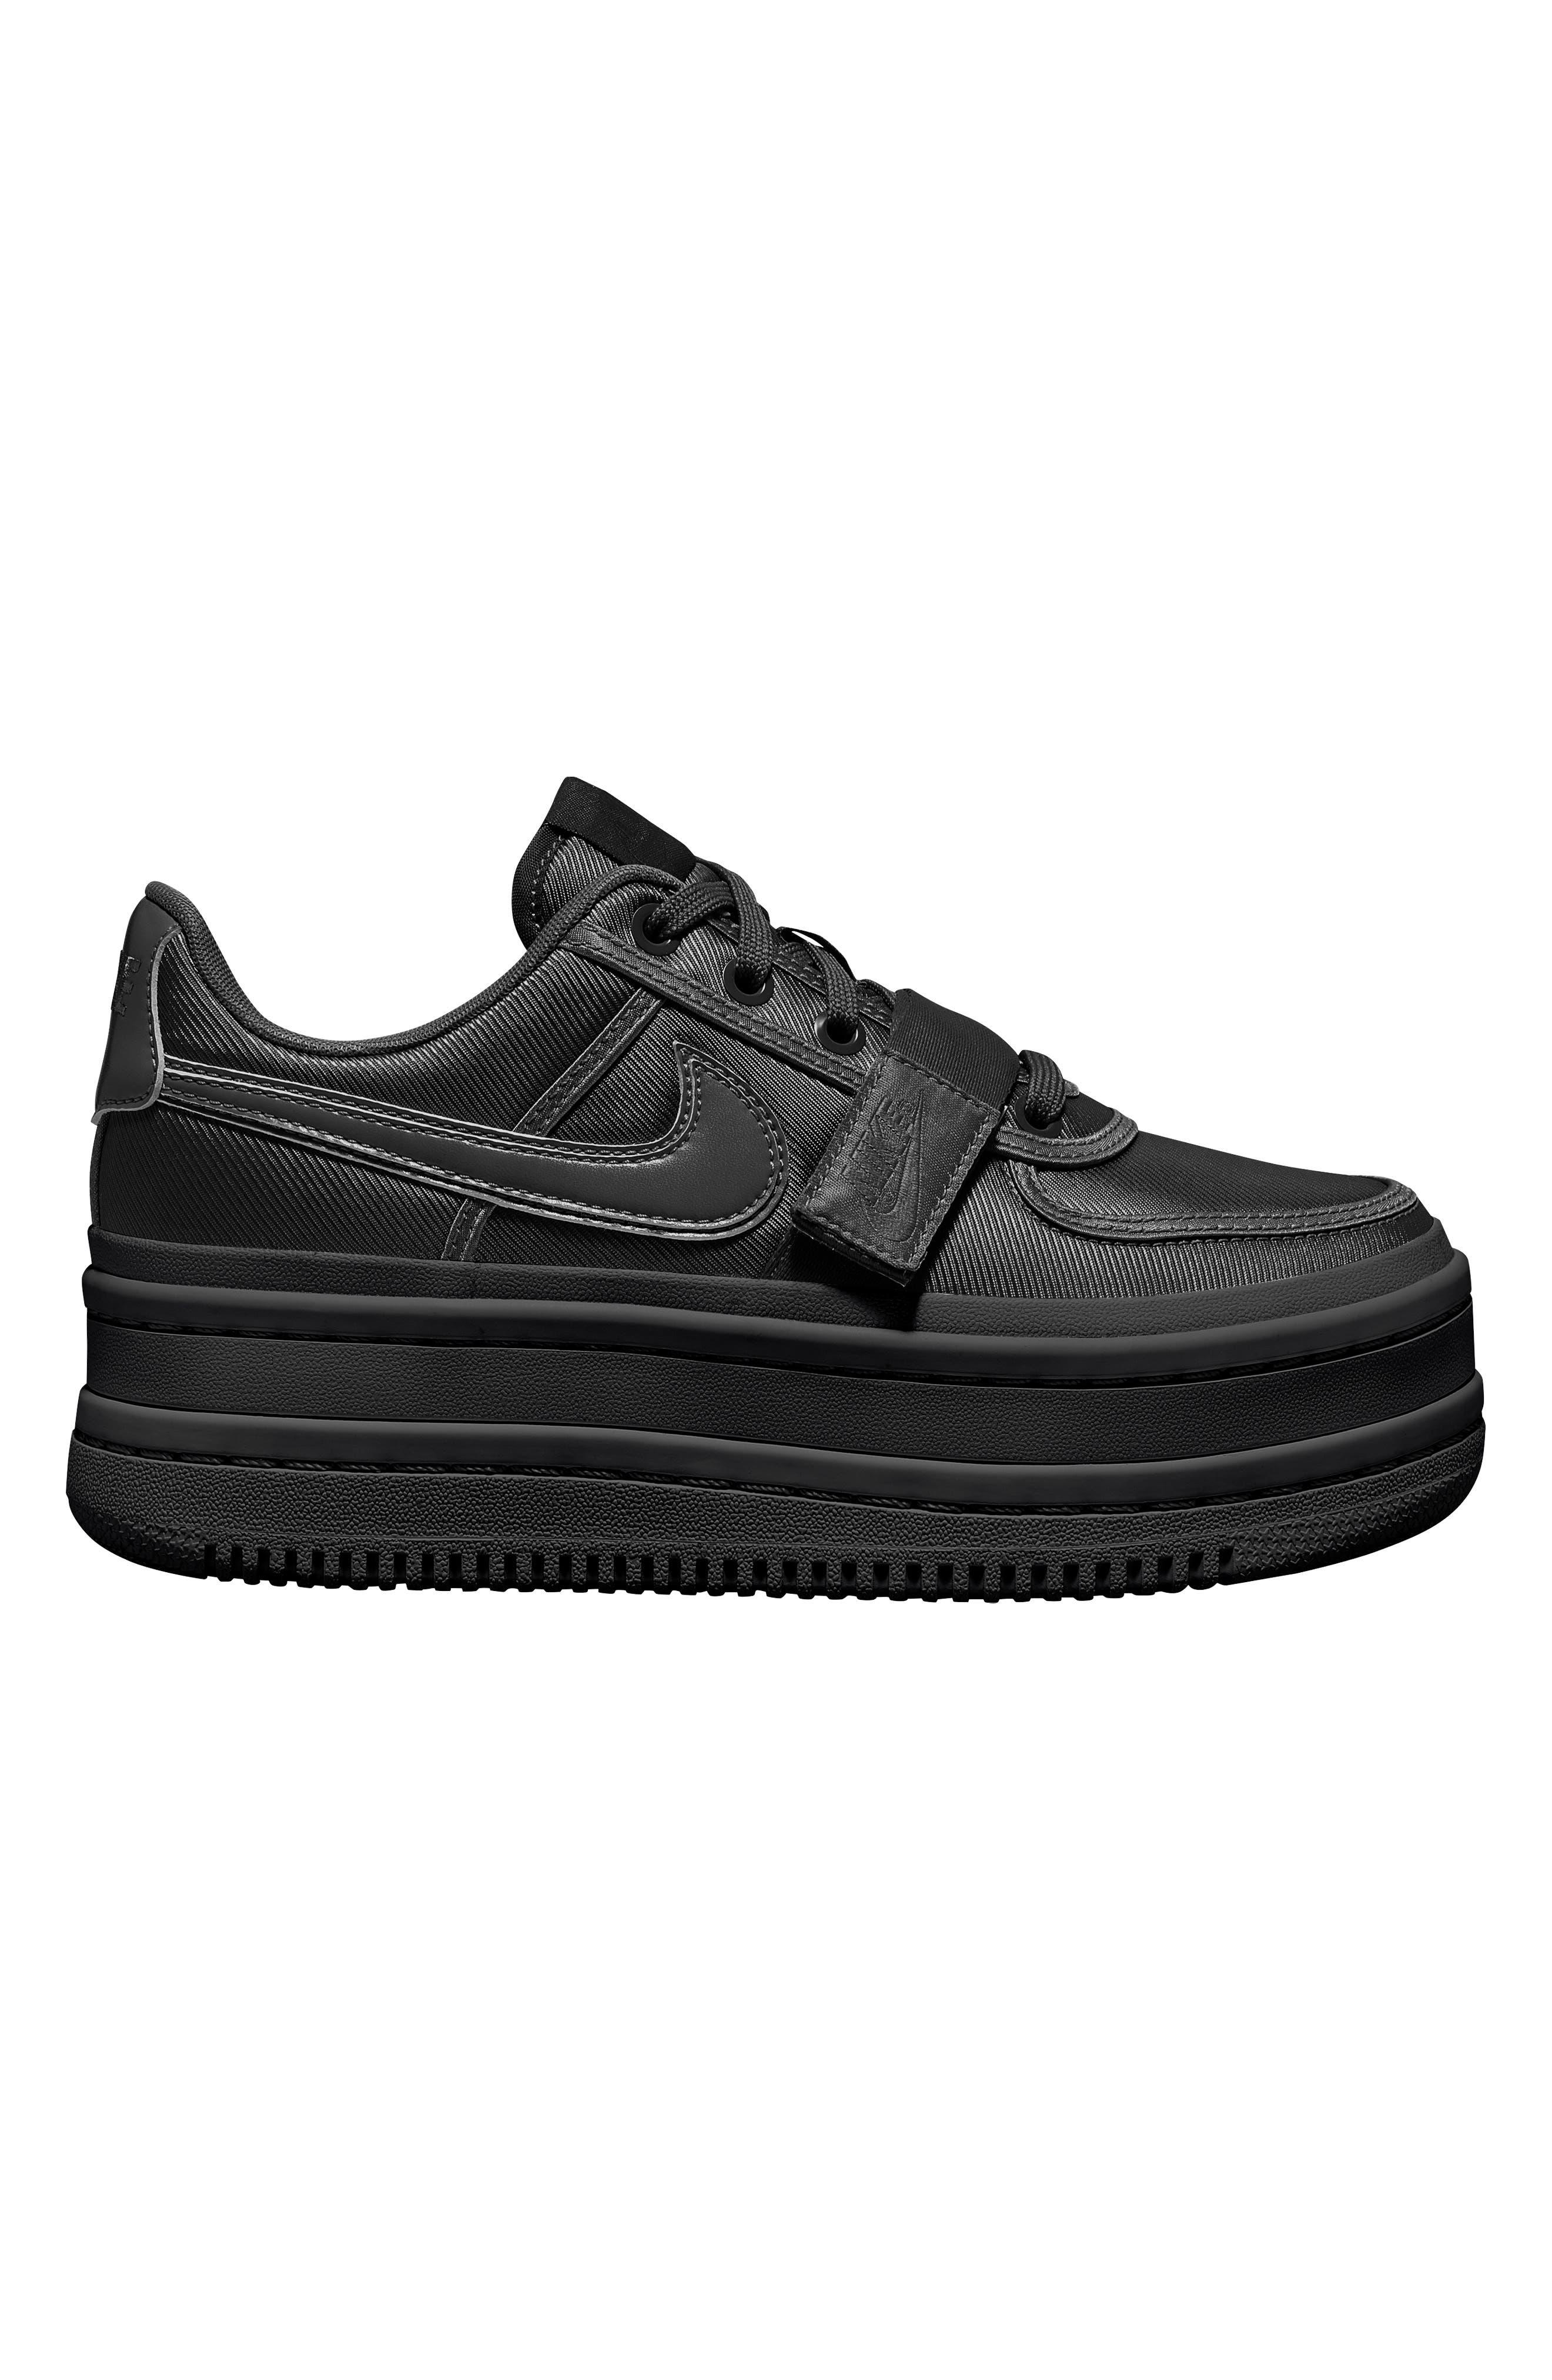 NIKE, Vandal 2K Sneaker, Main thumbnail 1, color, BLACK/ BLACK